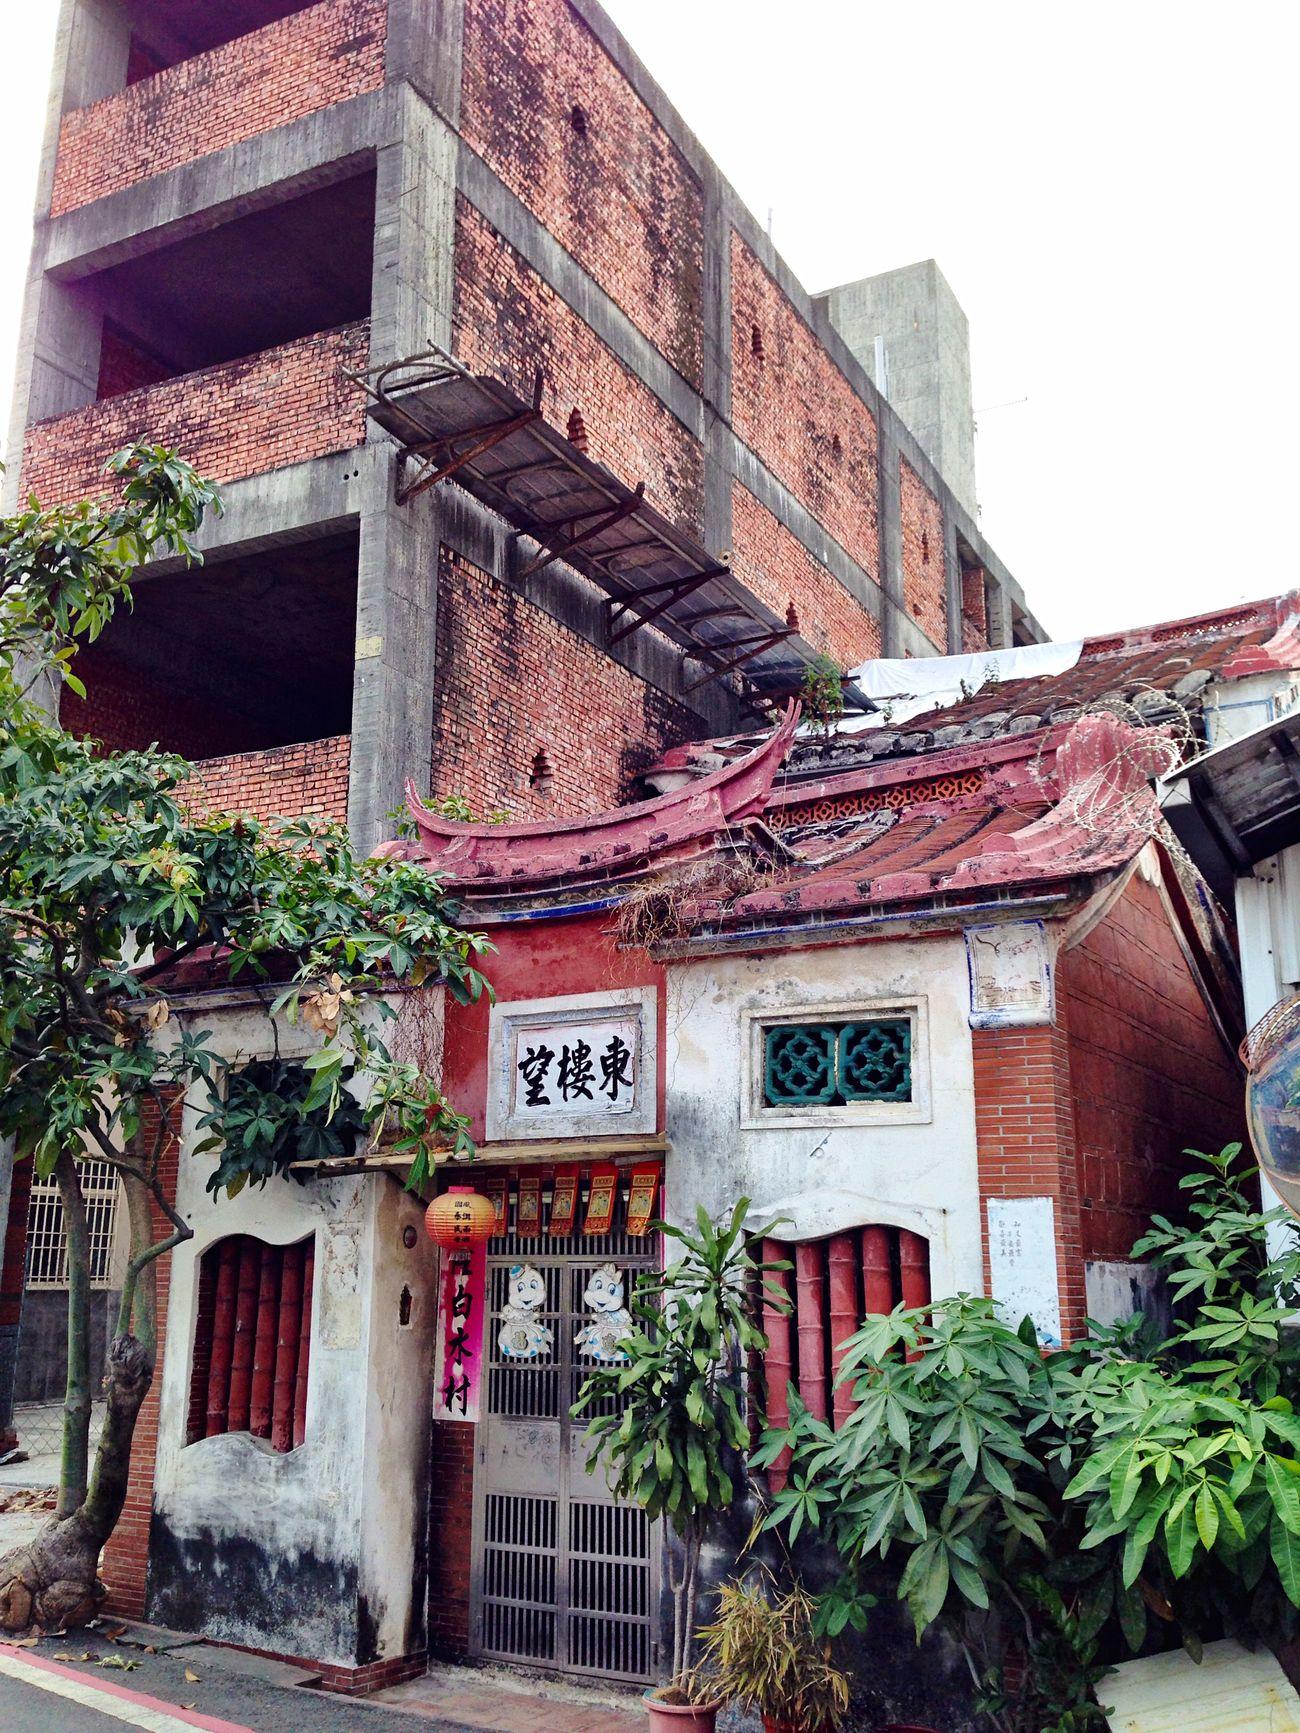 內埔的第一棟傳統樓房 ~「東望樓」,不過現在這樣的新舊並存法實在有點可惜。 Old House Old Buildings Old Things